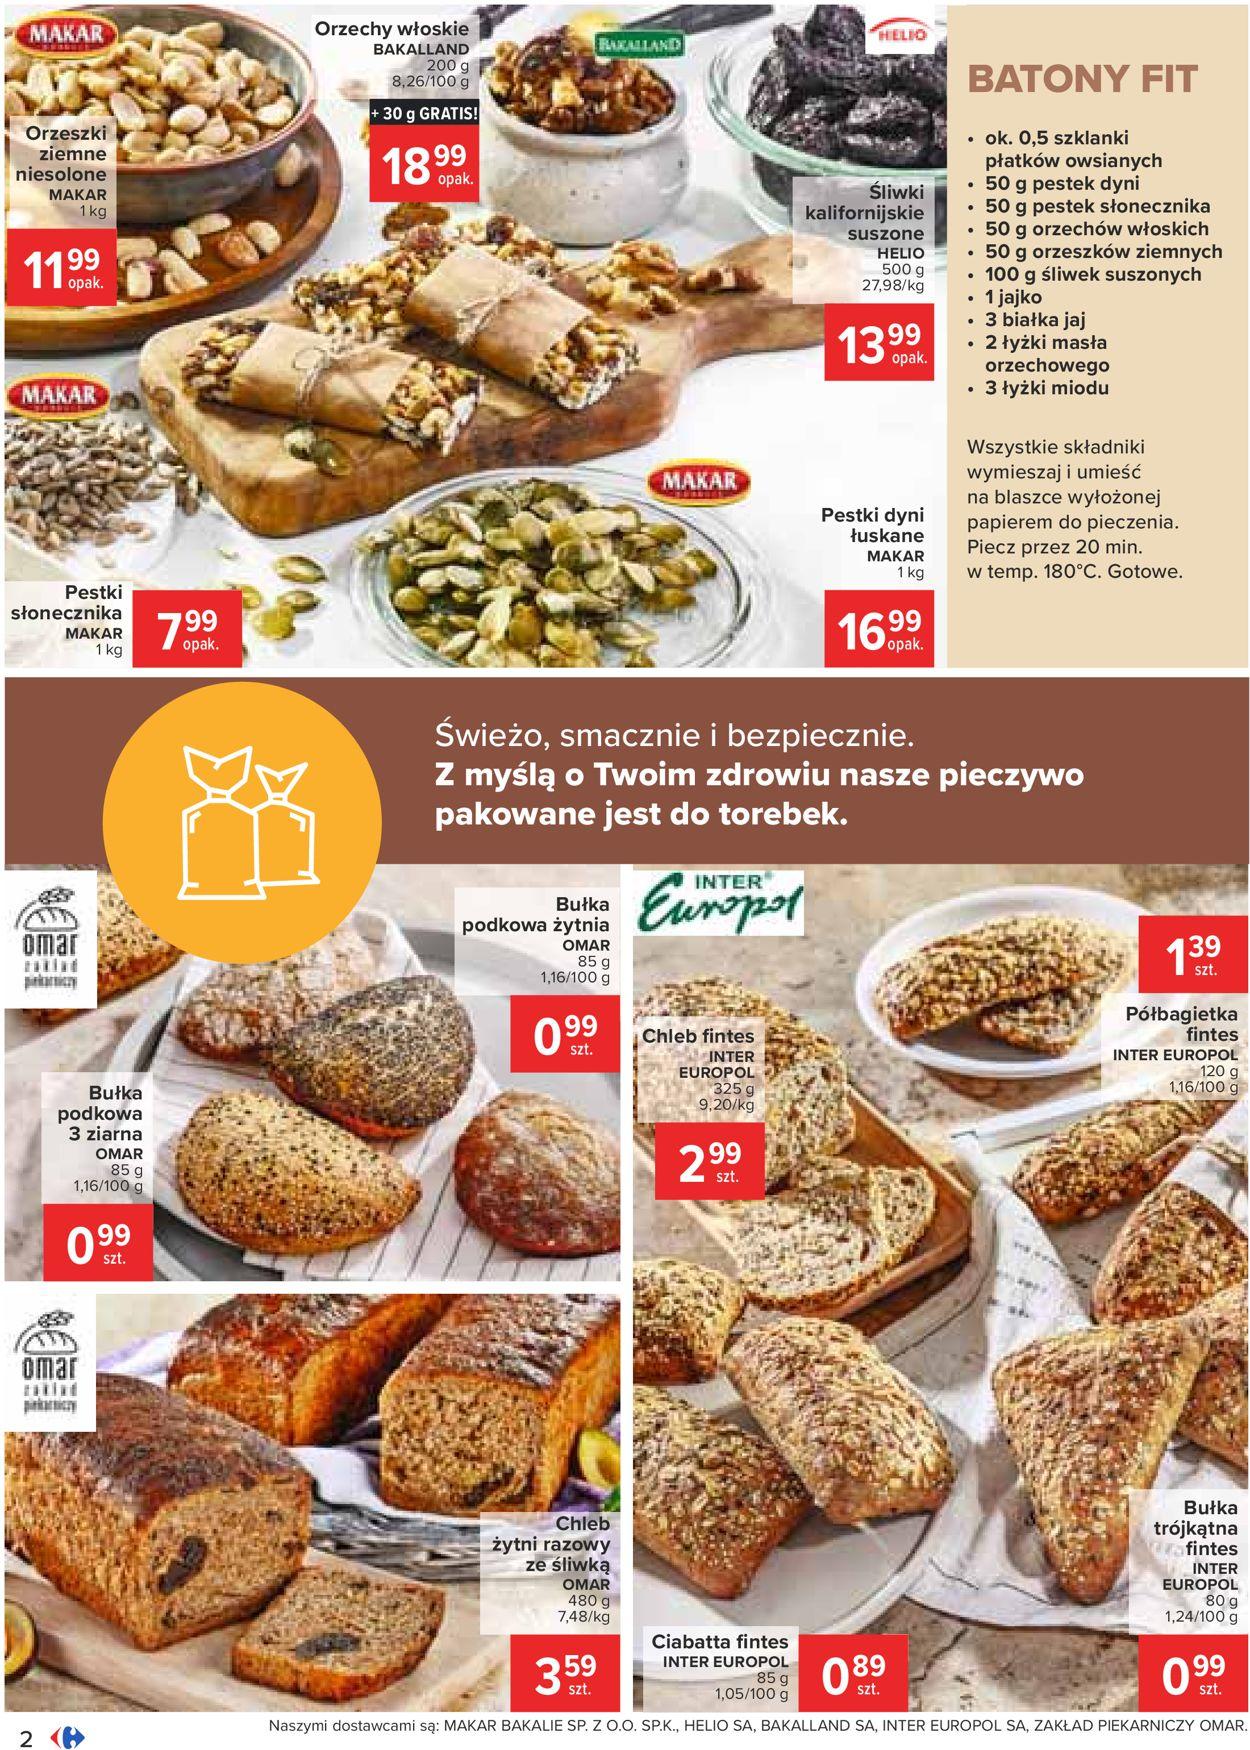 Gazetka promocyjna Carrefour - 15.04-26.04.2020 (Strona 2)